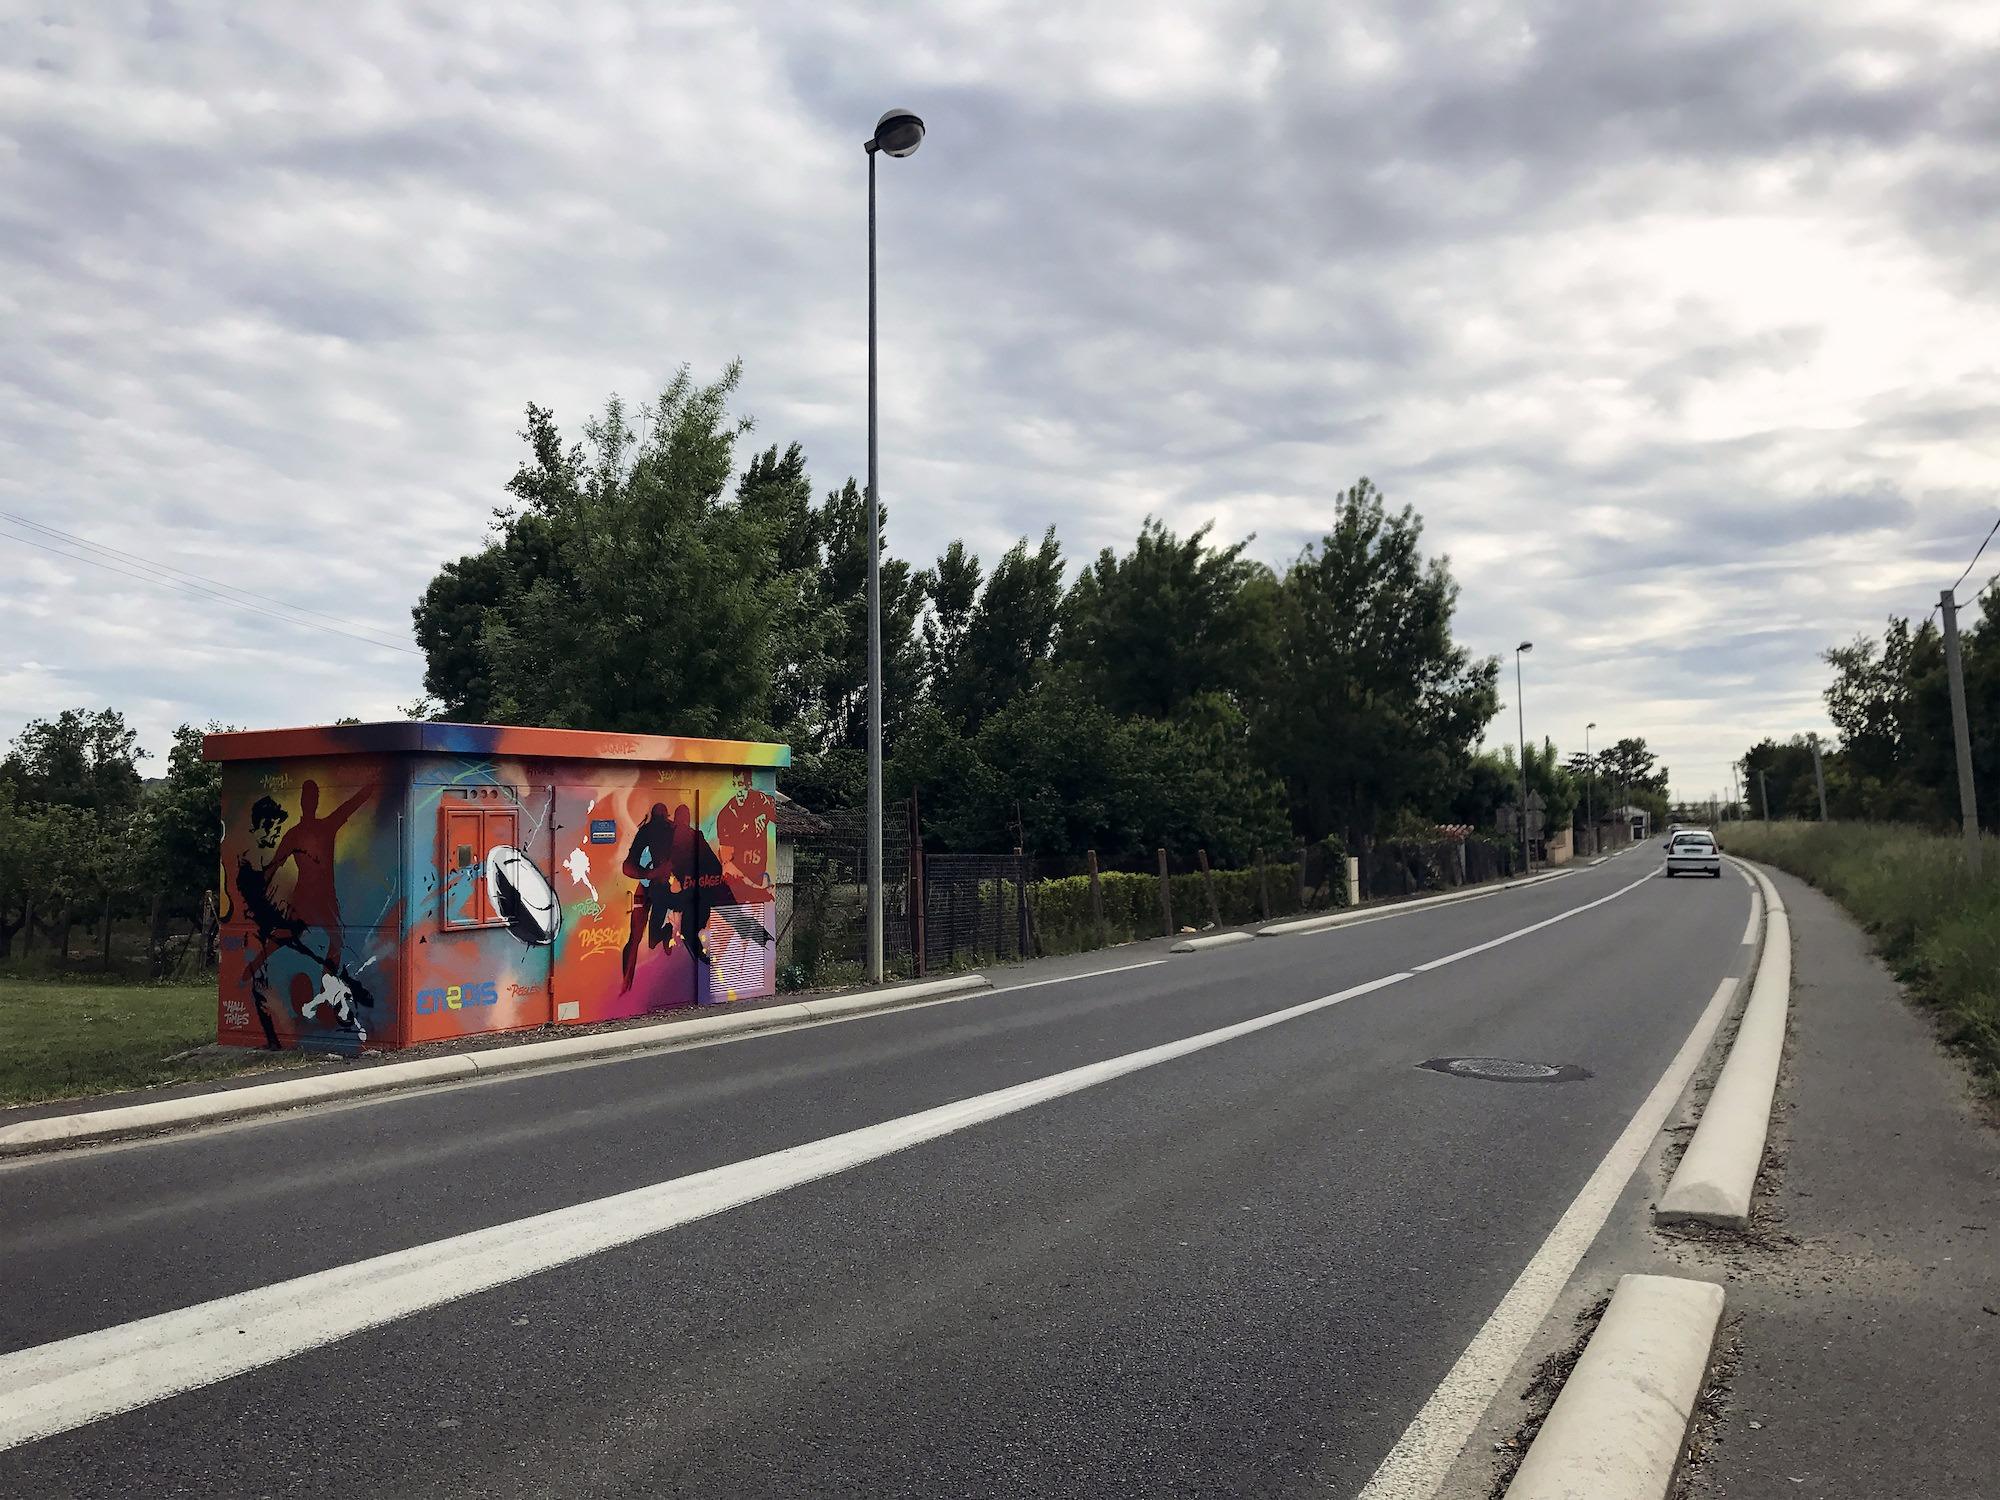 beaumont-de-lomagne-graffiti-graffeur-halltimes-rugby